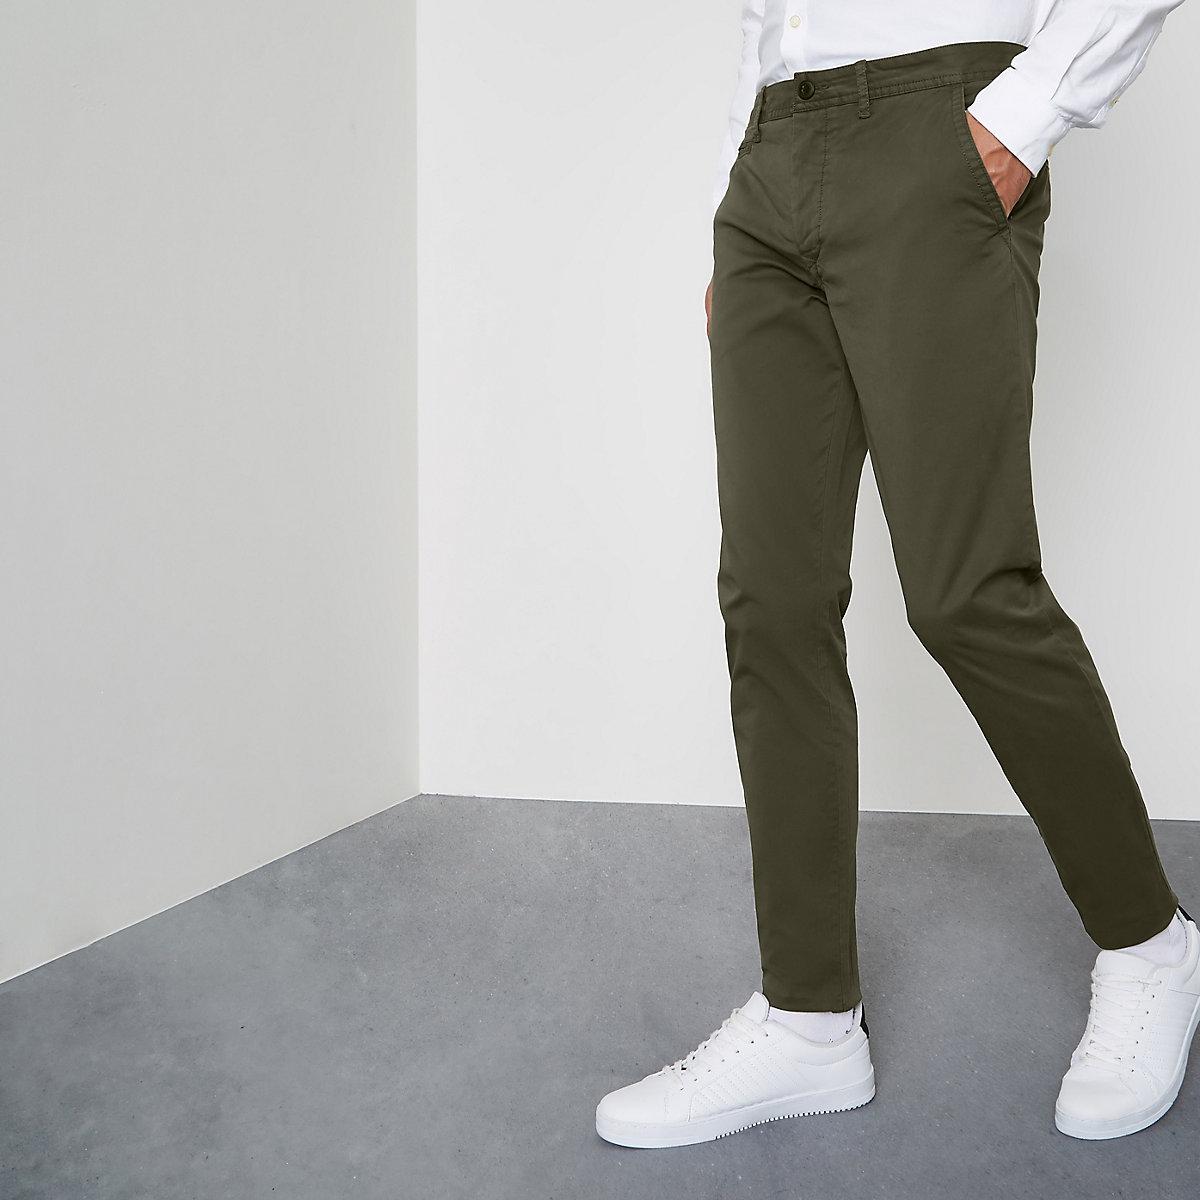 Dark green super skinny chino pants